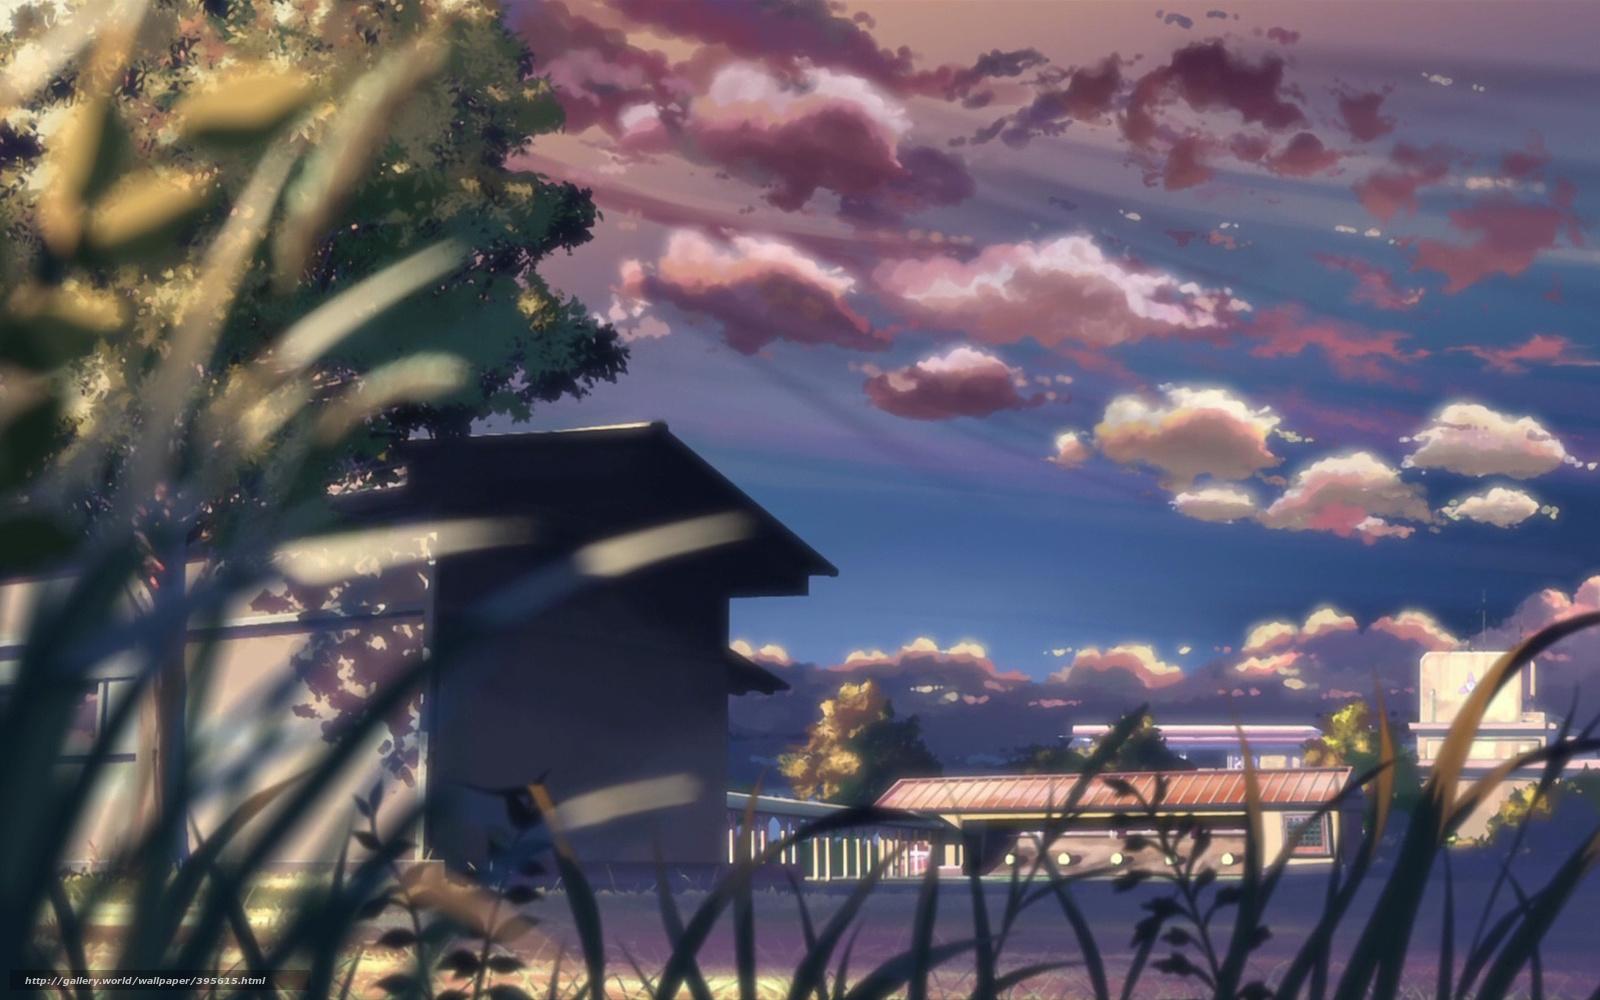 壁紙をダウンロード 新海誠, 風景, 夏, 庭 ... 壁紙をダウンロード 新海誠, 風景, 夏